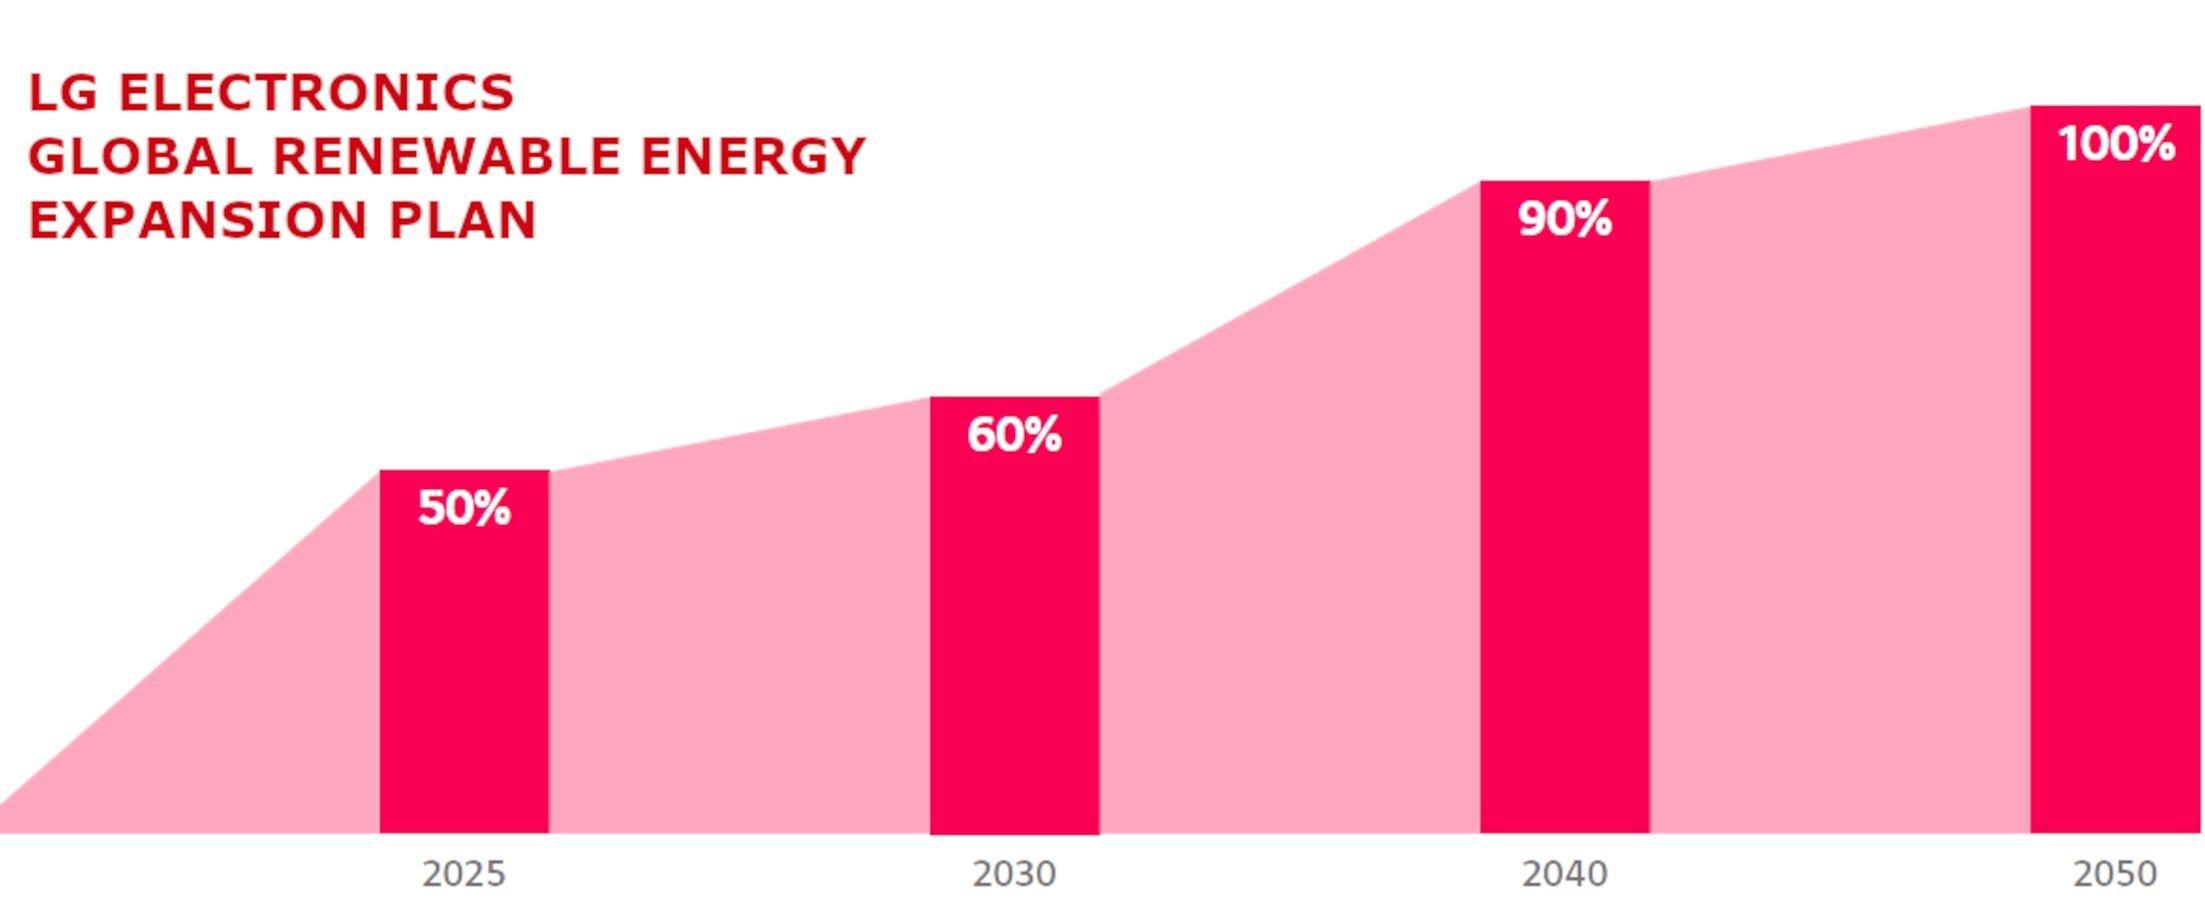 LG si impegna nella transizione alle energie  rinnovabili al 100% entro il 2050